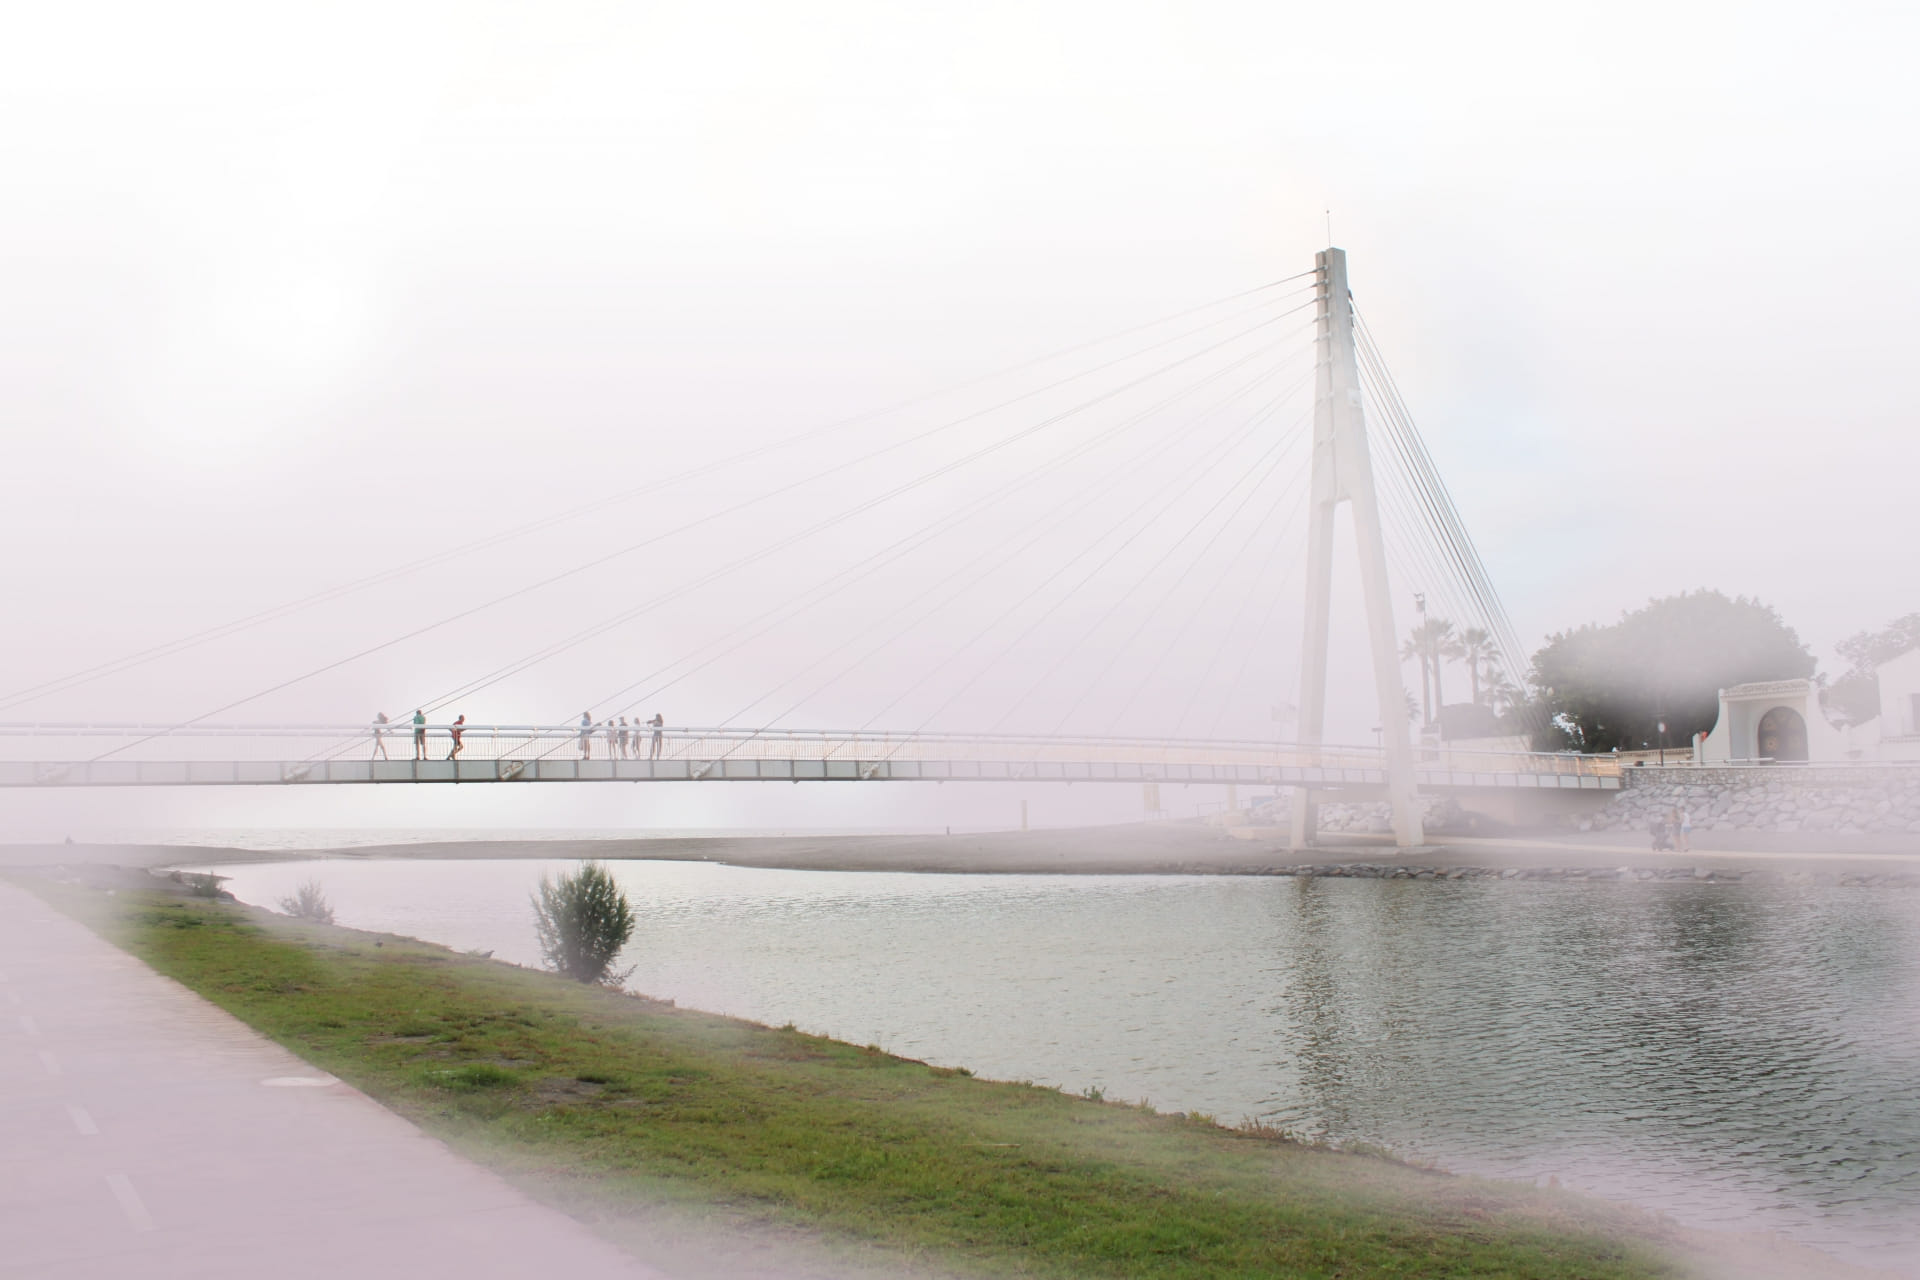 un epacio con mas claridad en un mundo de niebla